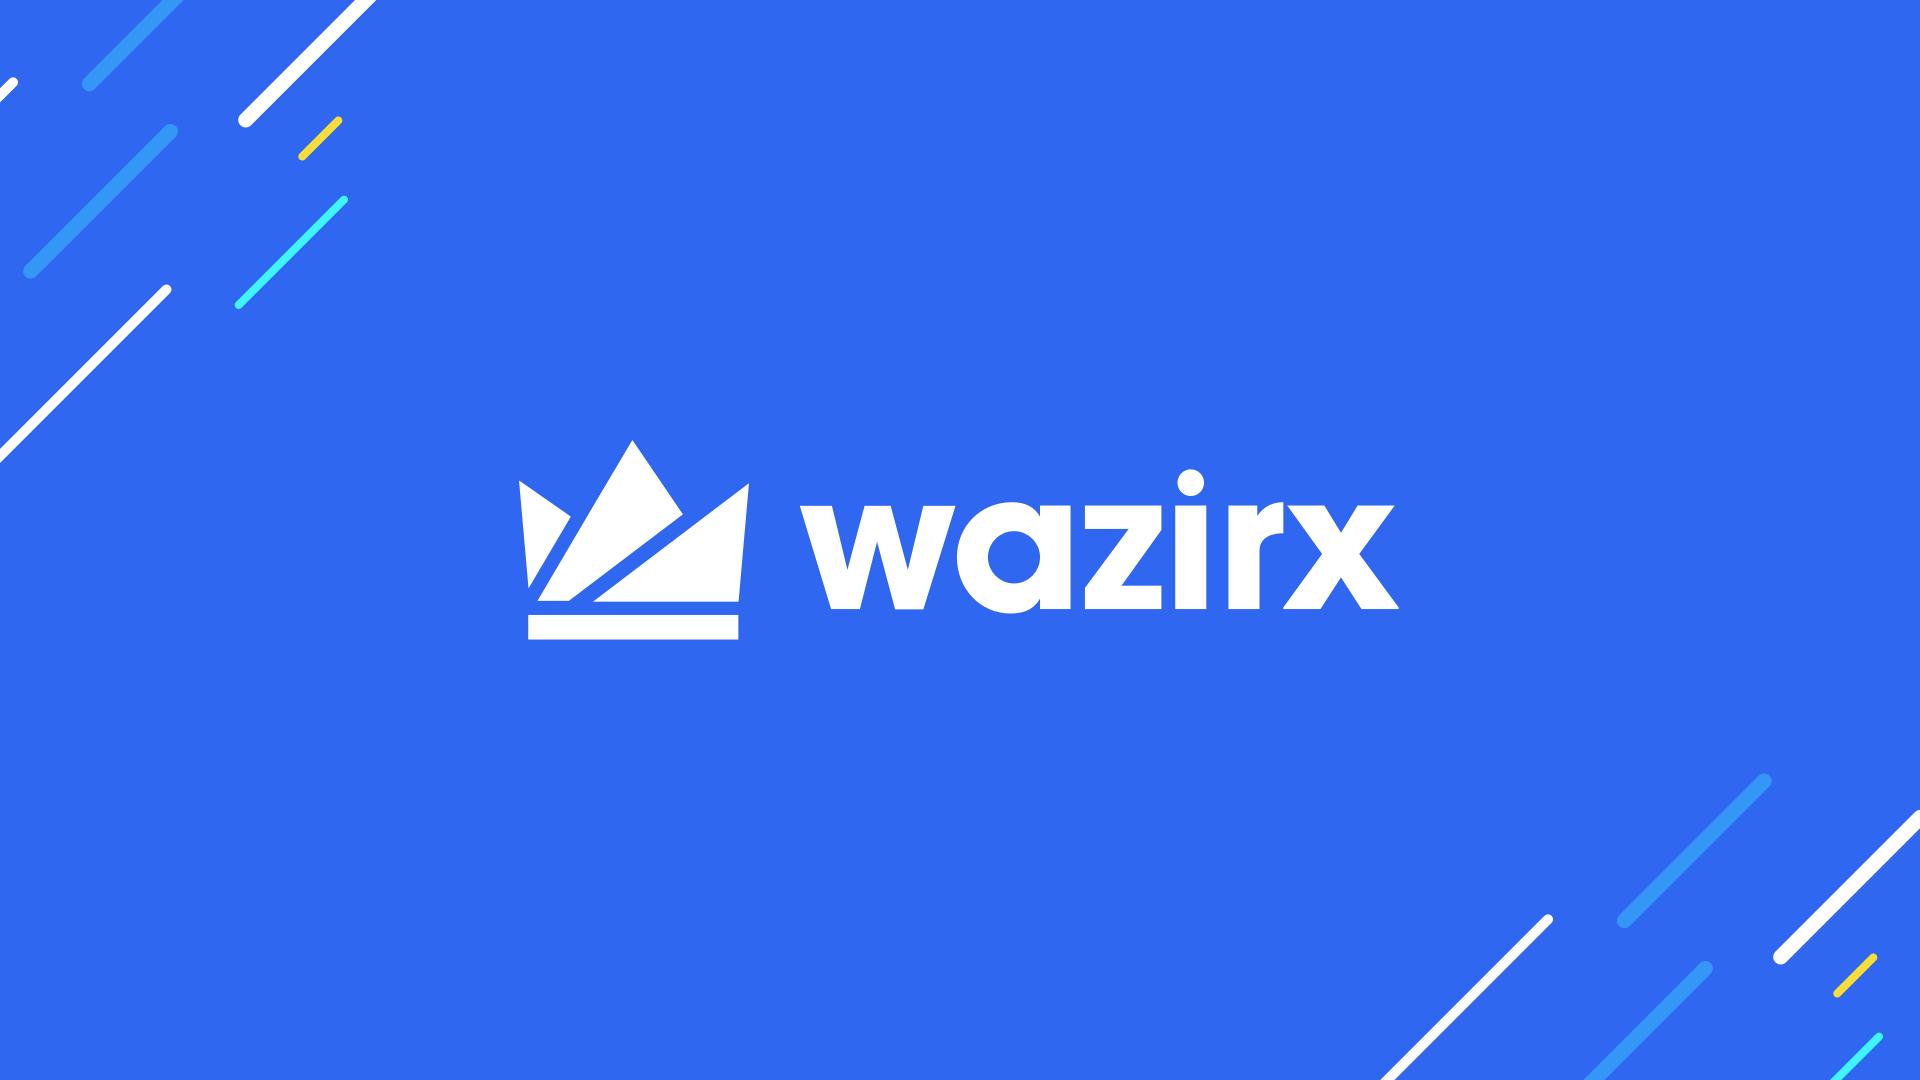 Birçok Altcoin Kırmızıya Boyanmış Durumda Ancak WazirX Artıyor